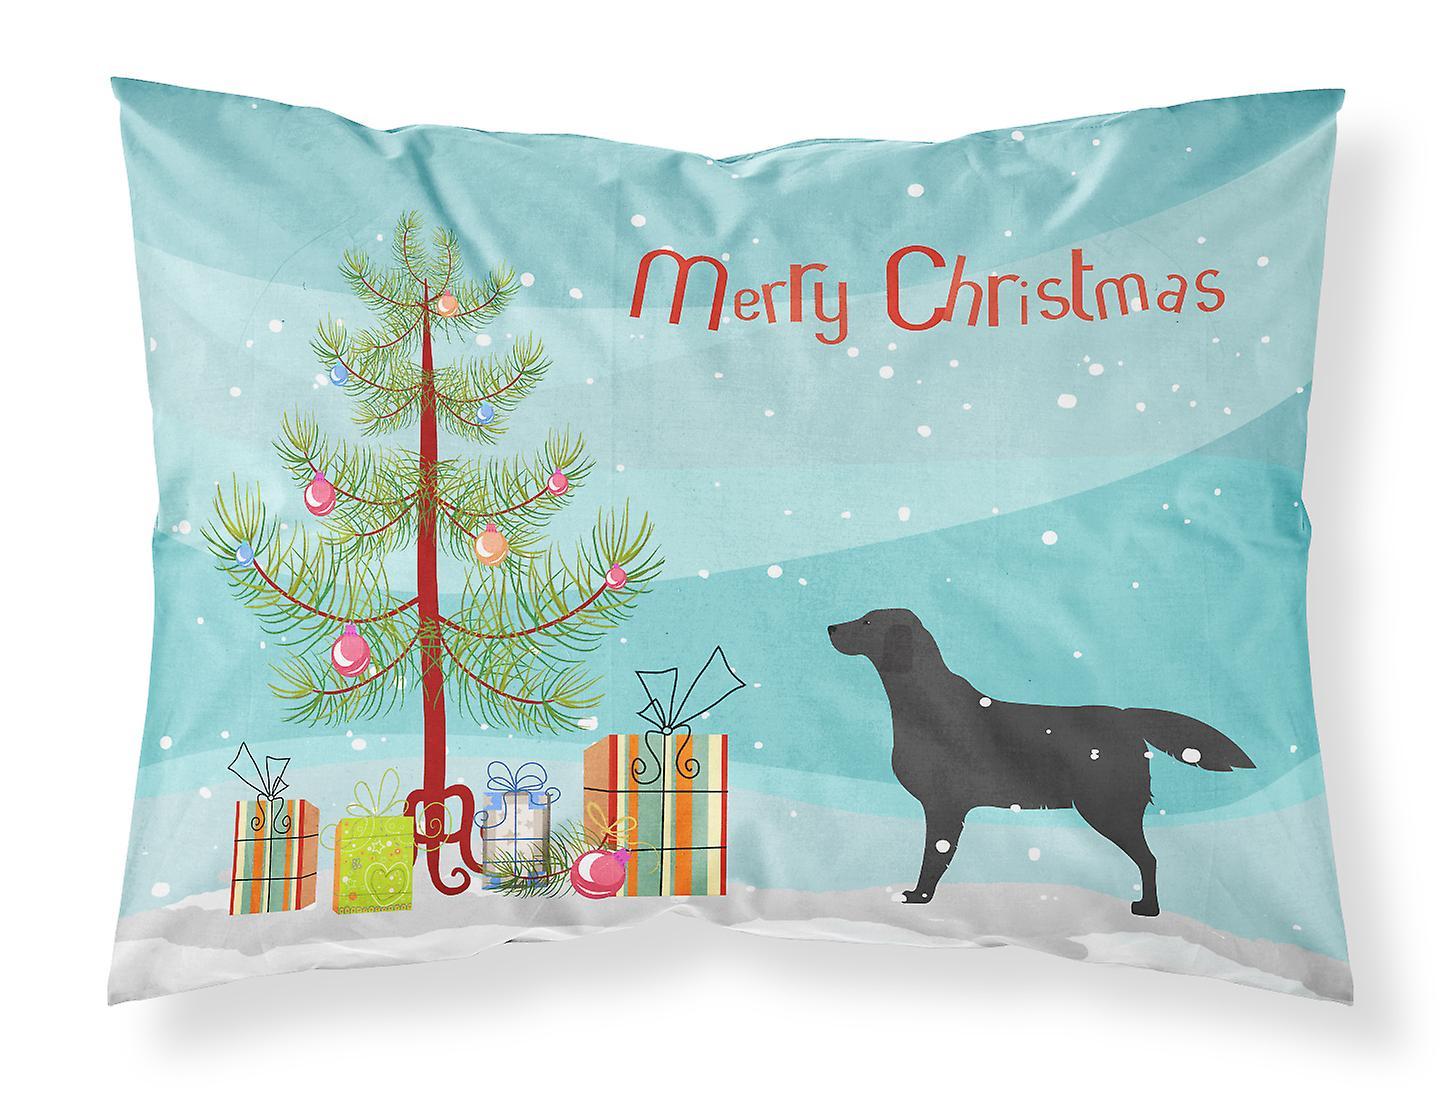 Tree Tissu Retriever Noir Labrador Taie D'oreiller Standard Merry Christmas FlKT1Jc3